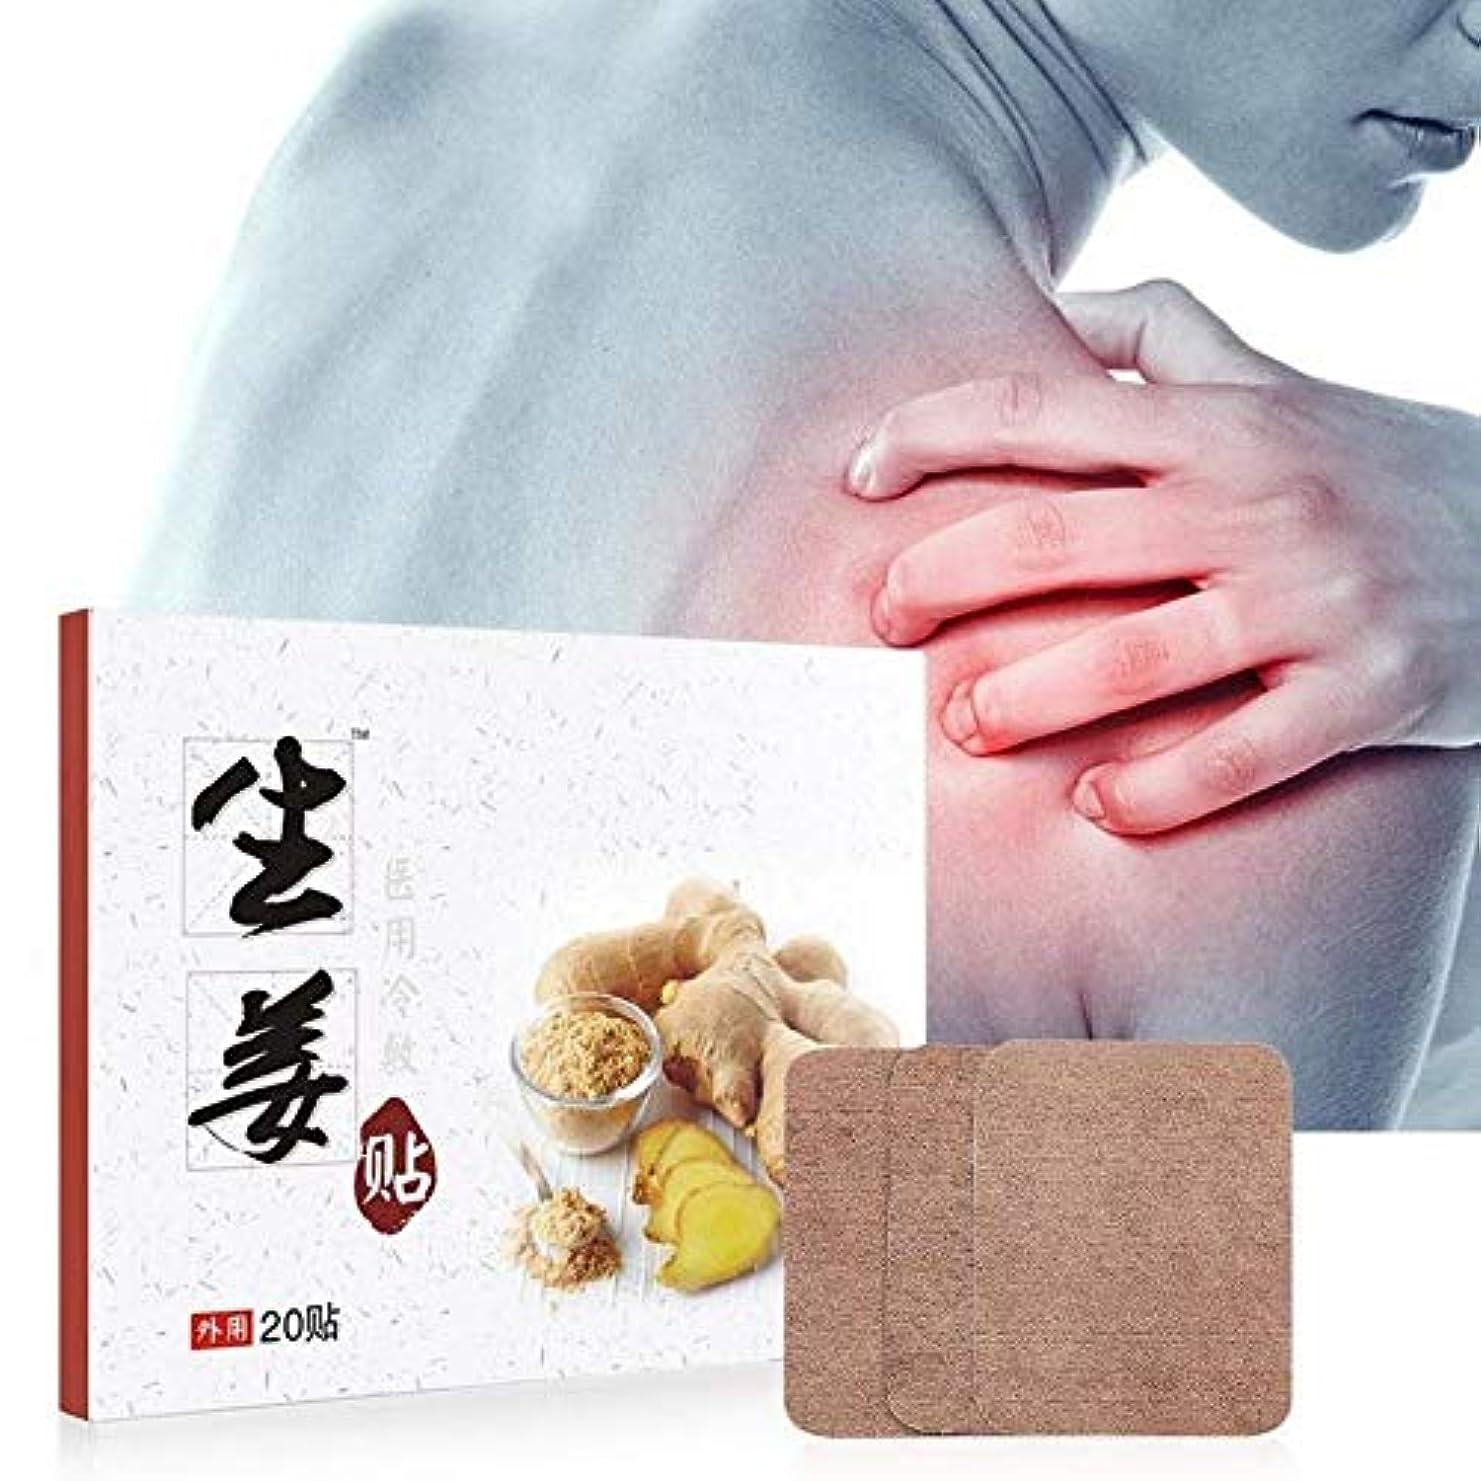 麻酔薬破壊グラス20ボックスジンジャーパッドジョイント頚椎痛みの軽減自発的ヒートステッカー防寒保温